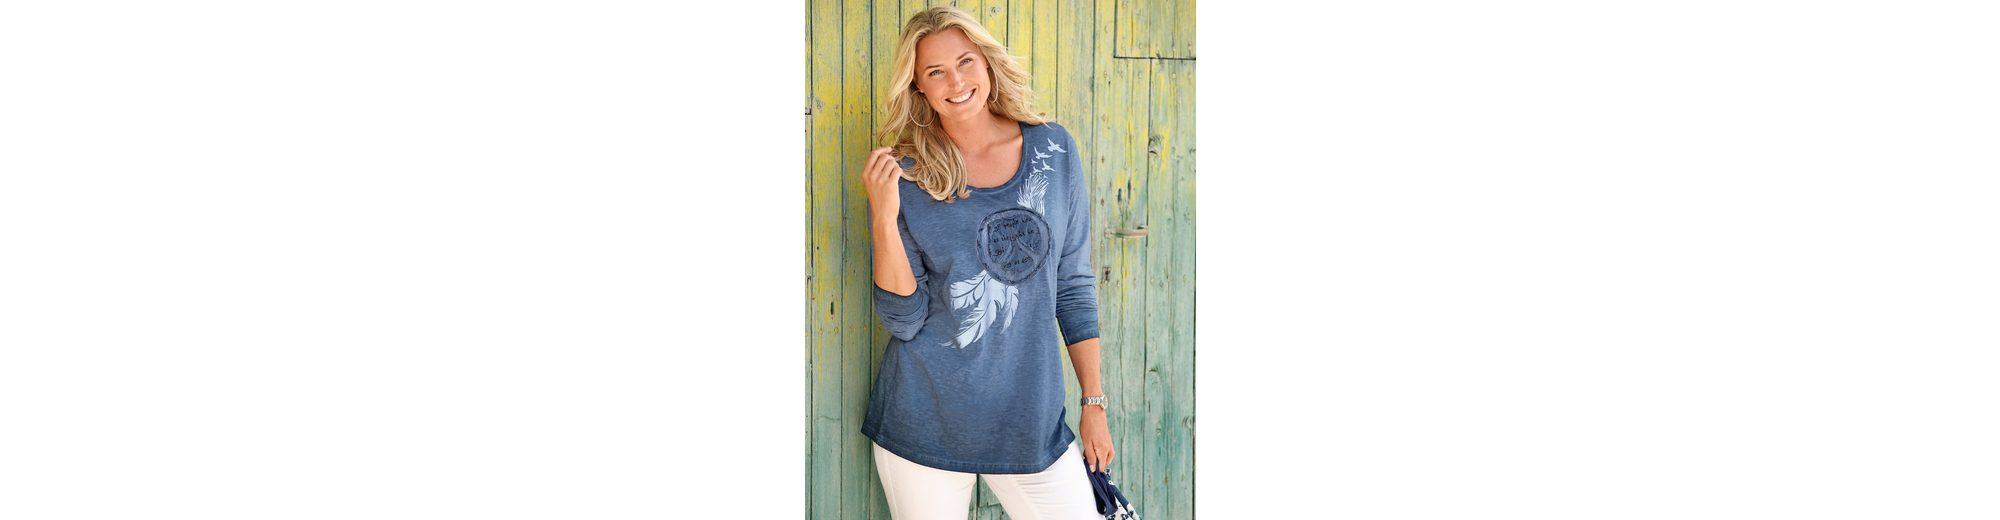 MIAMODA Shirt mit Peace-Zeichen aus Pailletten Neueste Günstig Online Billig Mit Kreditkarte IEPWptKR0